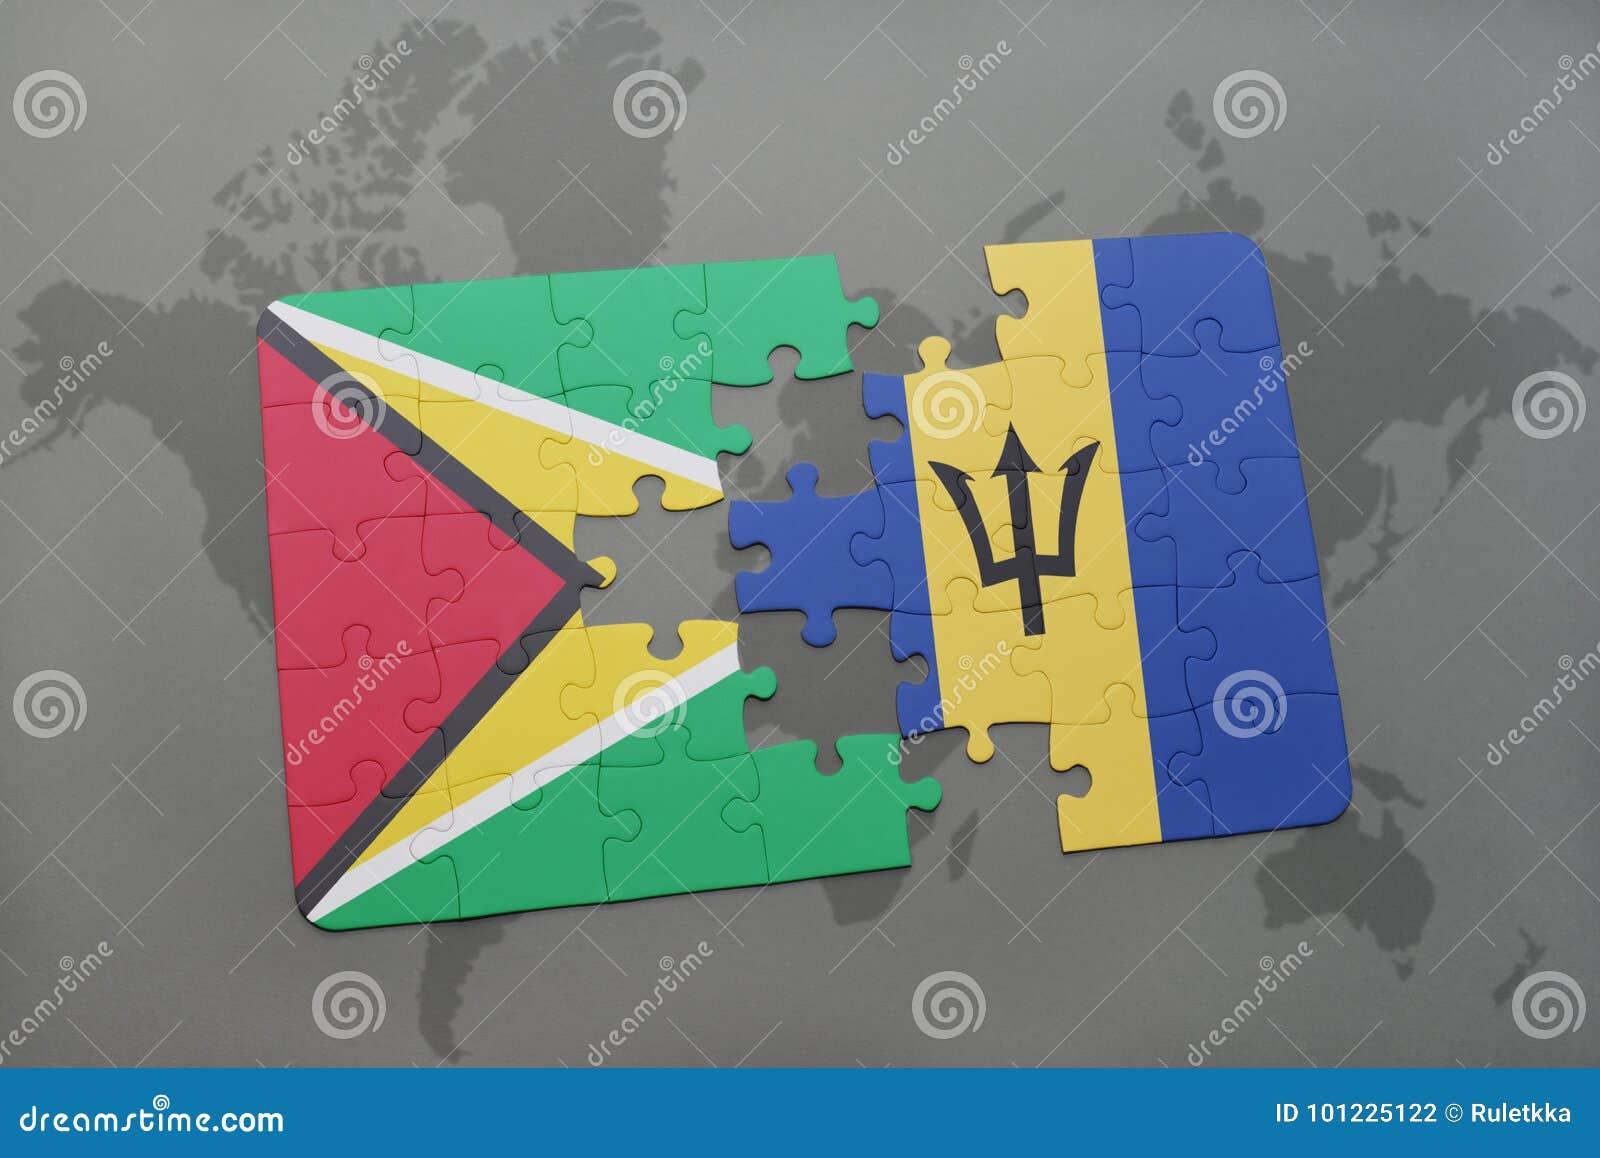 ο γρίφος με τη εθνική σημαία της Γουιάνας και τα Μπαρμπάντος σε έναν κόσμο χαρτογραφούν το υπόβαθρο